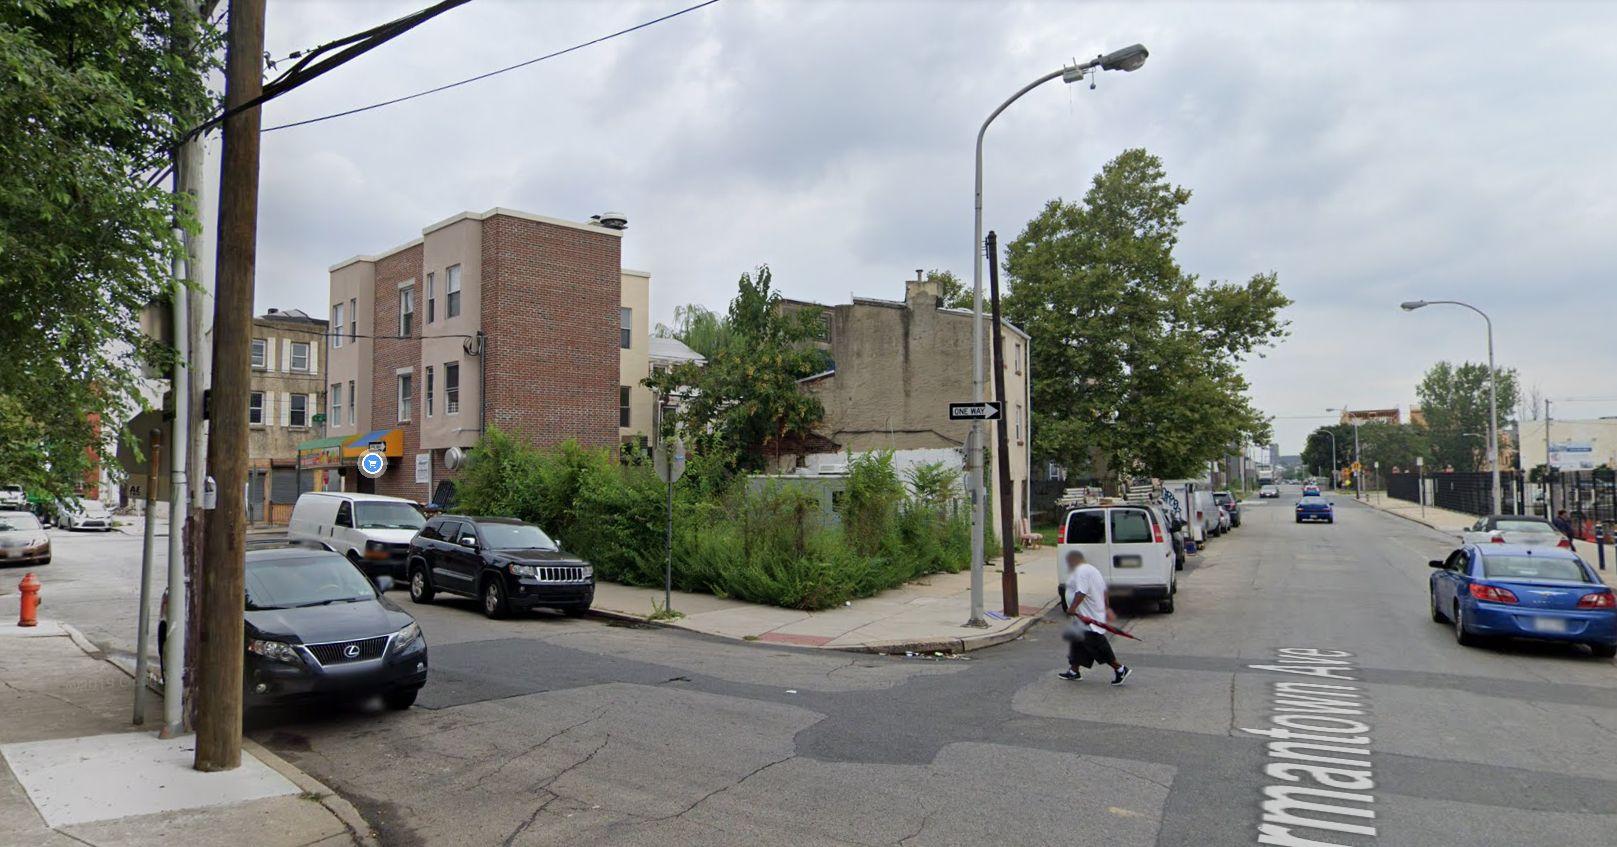 1500 Germantown Avenue. Looking northwest. Credit: Google Maps